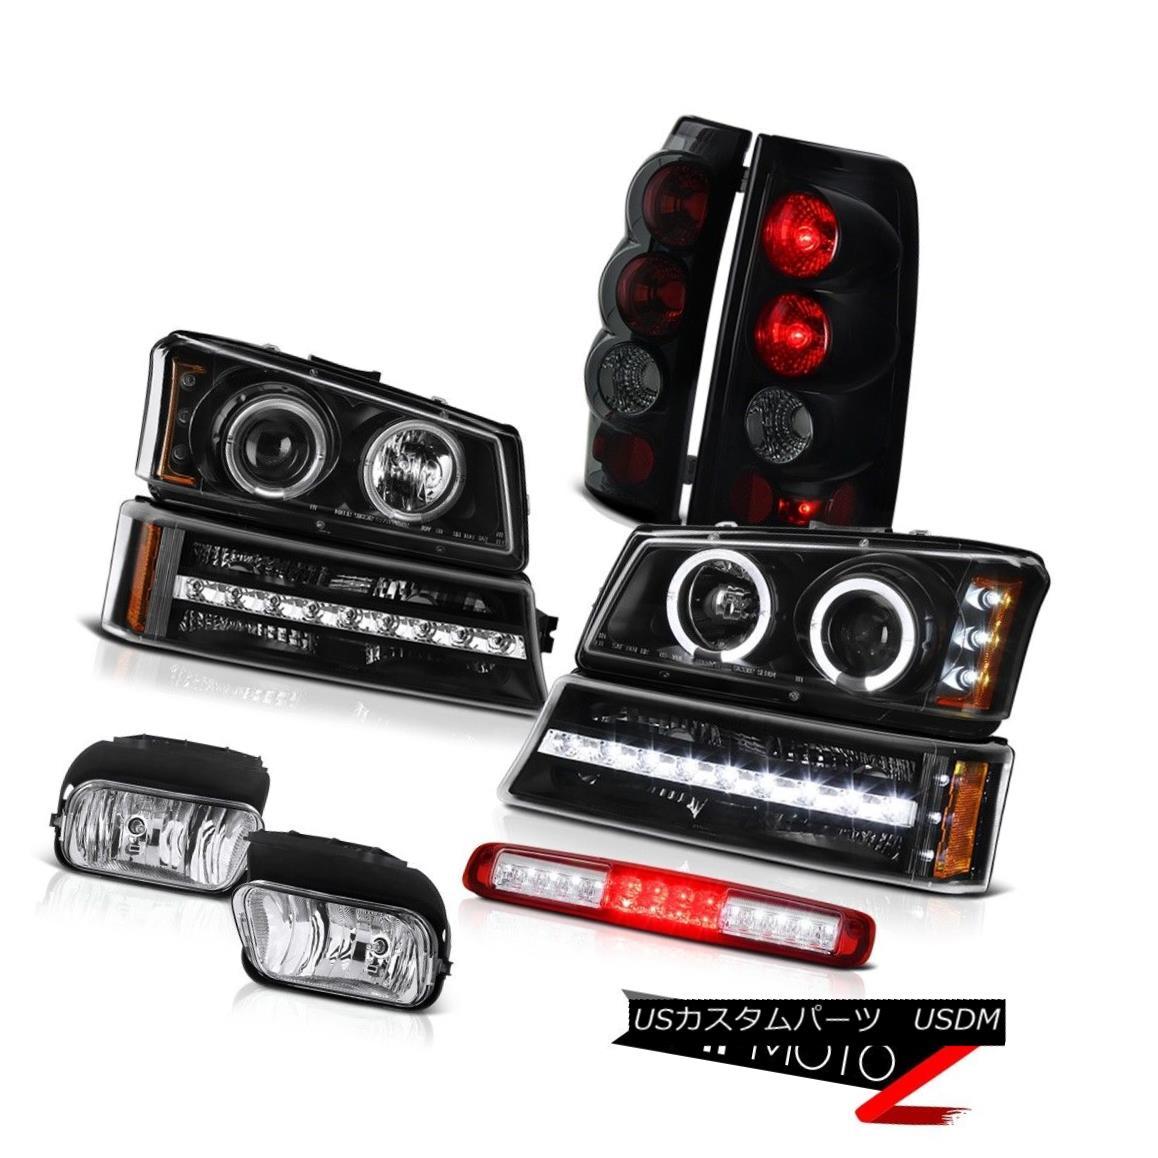 テールライト 03-06 Silverado Foglamps Red 3RD Brake Lamp Black Signal Headlights Tail Lamps 03-06 Silverado Foglamps Red 3RDブレーキランプブラックシグナルヘッドライトテールランプ